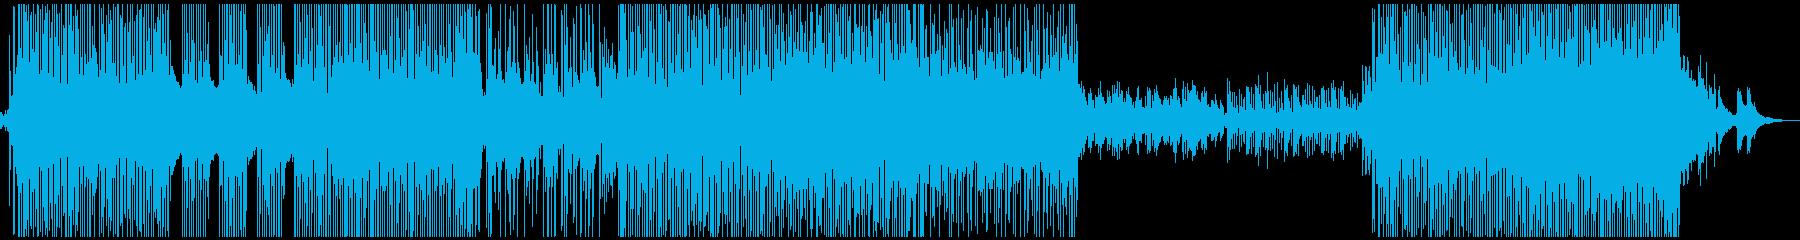 津軽三味線メインの和風シティーポップの再生済みの波形